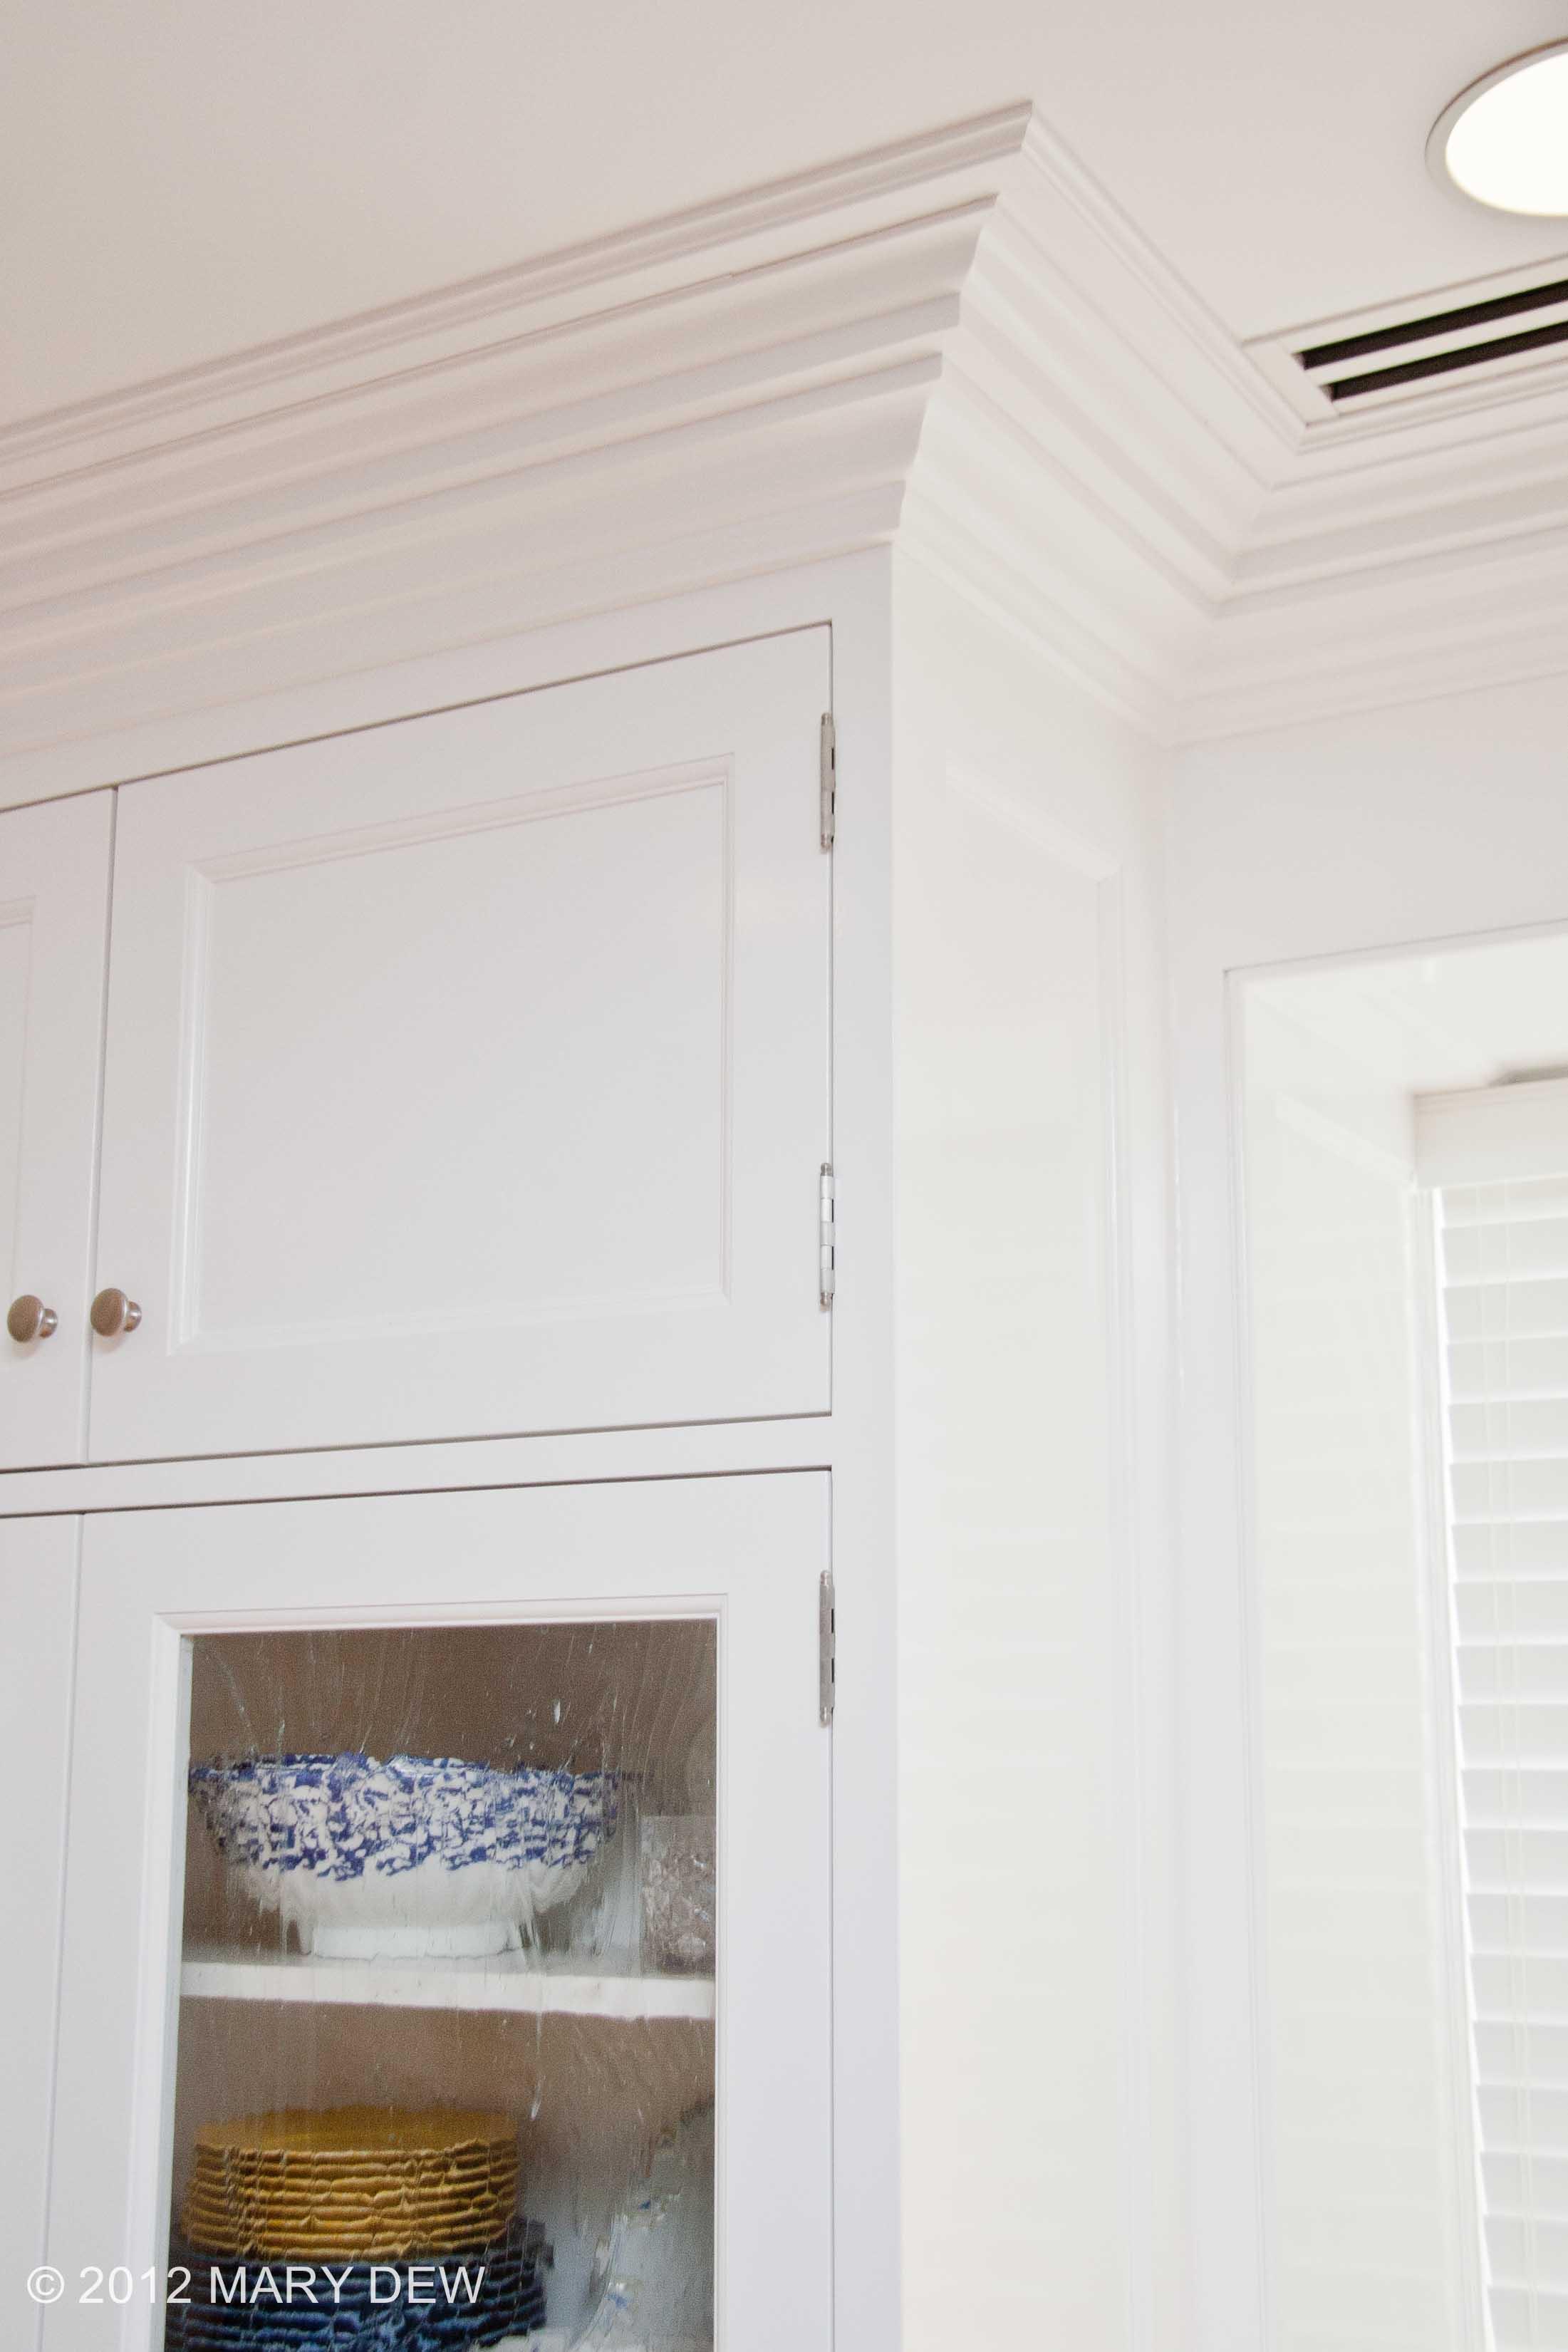 Inset Door Style & Custom Plaster Moulding